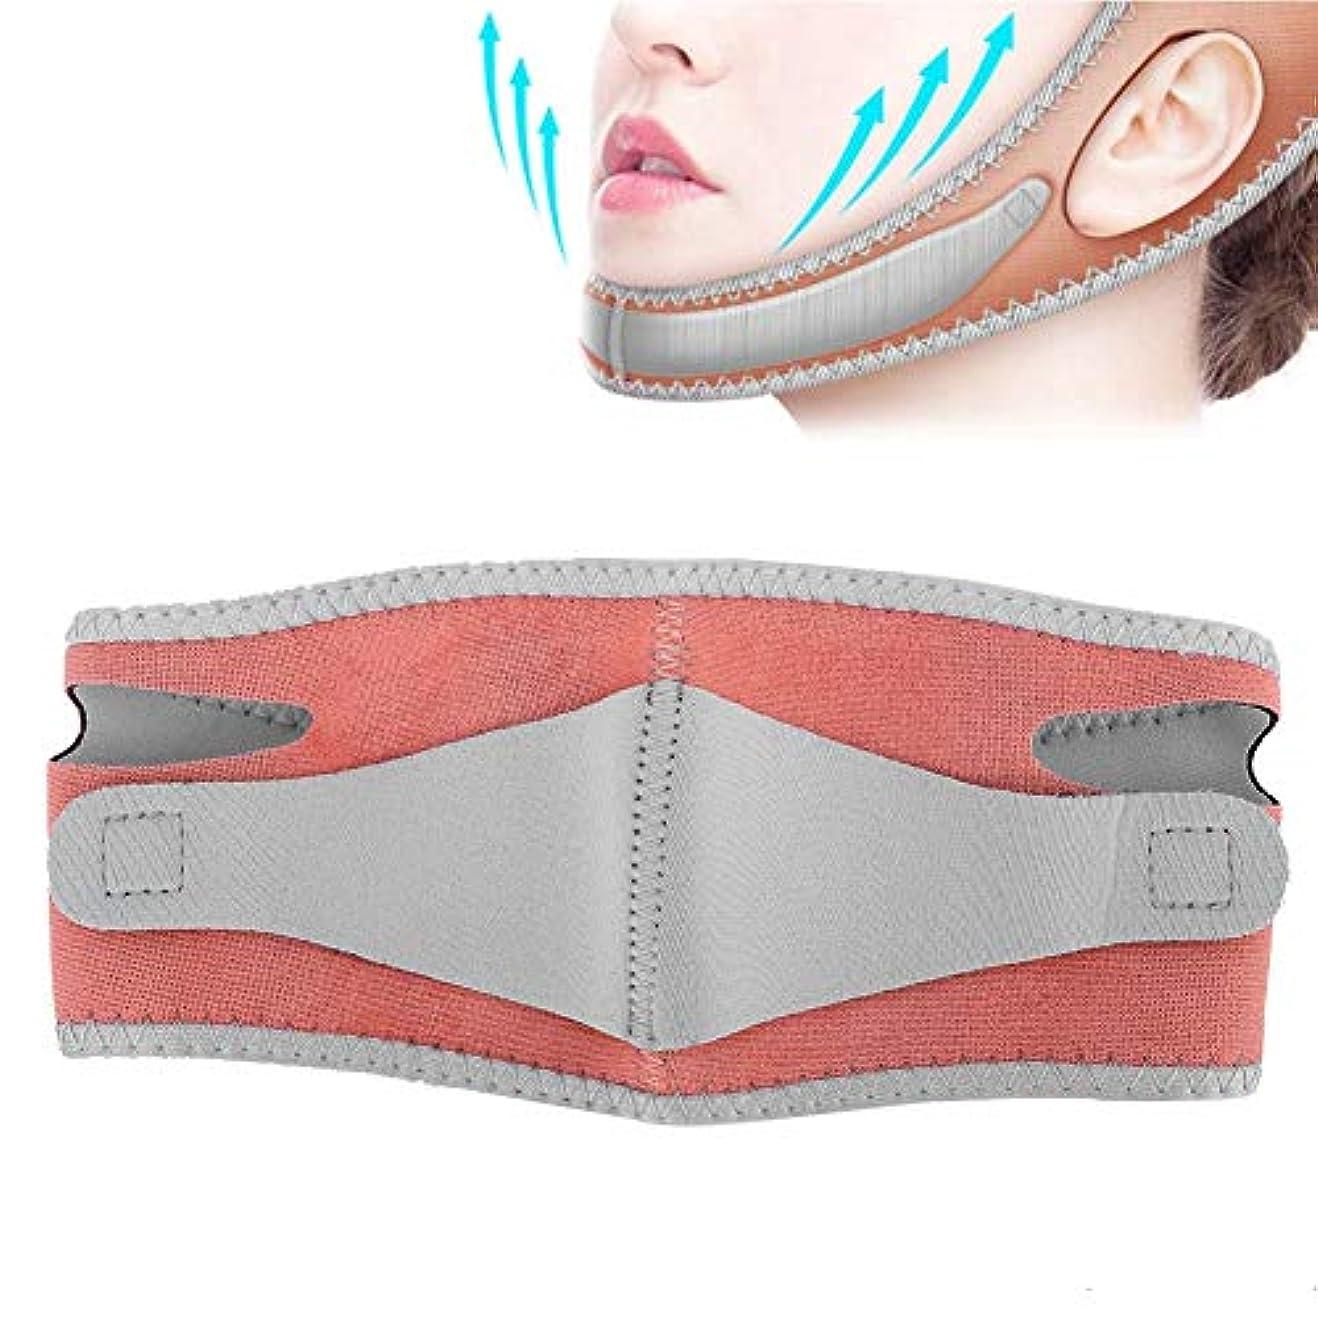 笑い六分儀百科事典薄い顔包帯顔、Vフェイスラインスリムダブルチンチークスリムリフトアップ引き締まった肌防止マスクあなたが顔の肌を引き締めるのに役立ちます